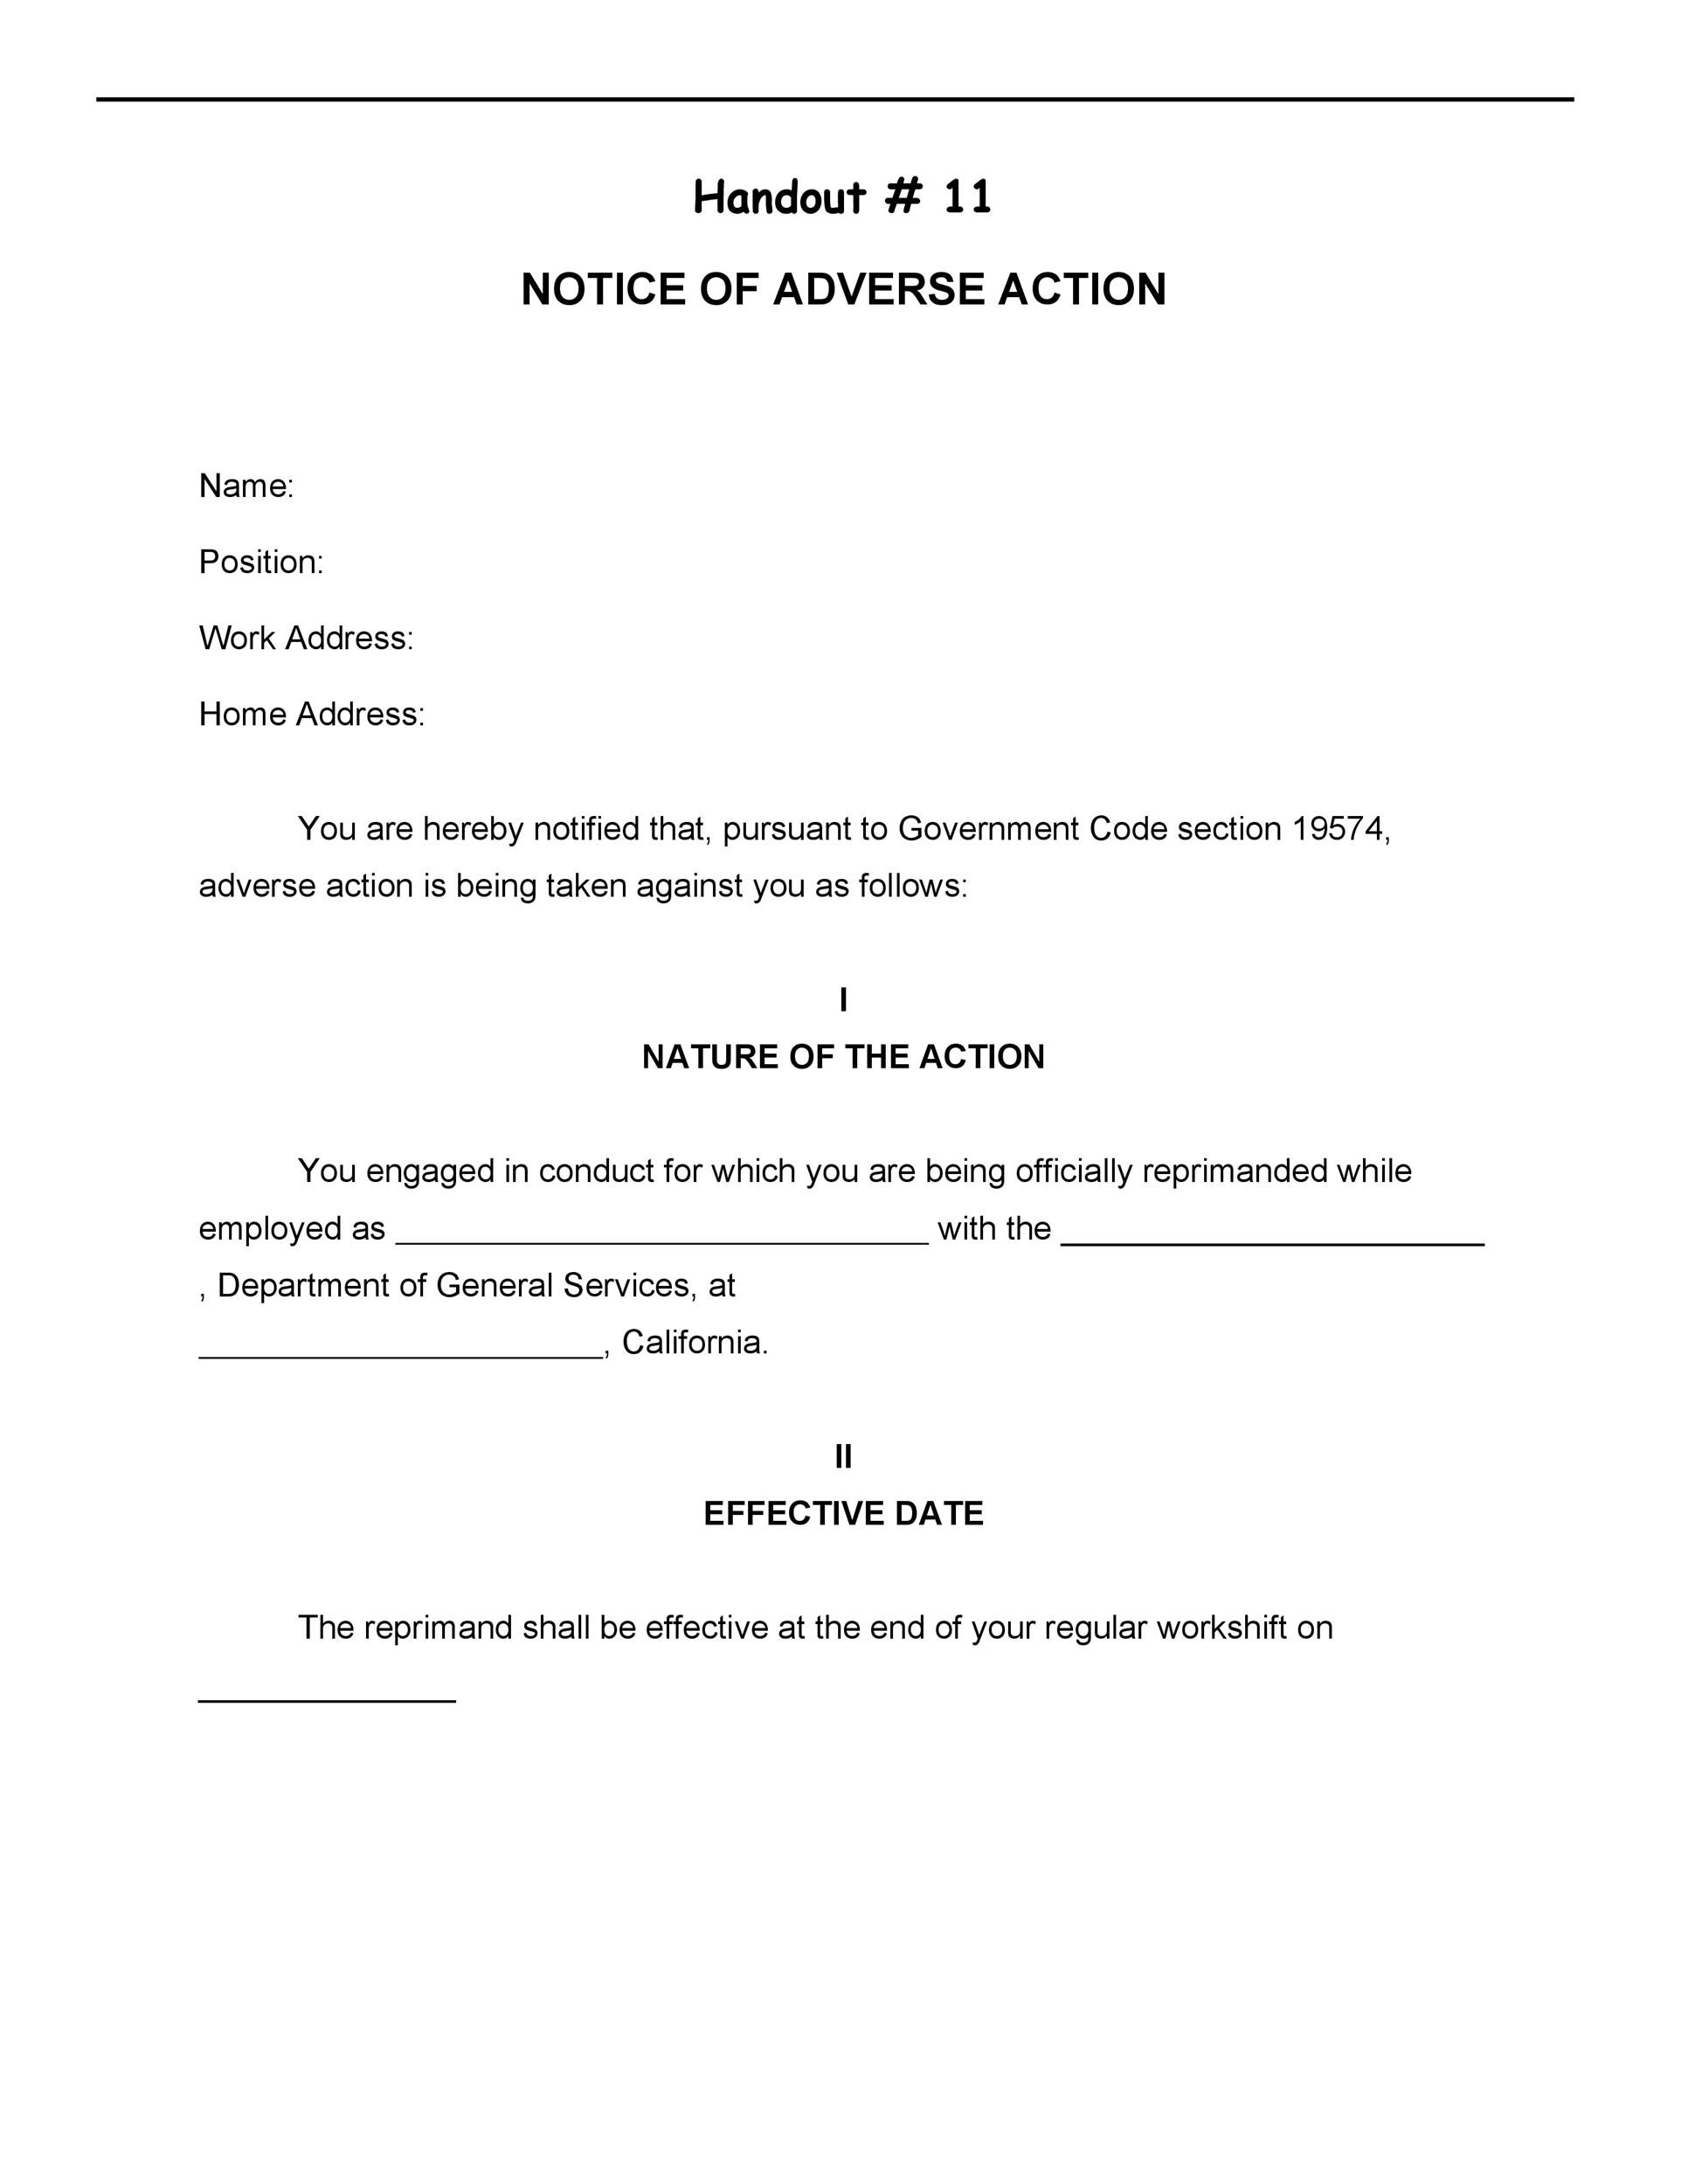 Free adverse action notice 28